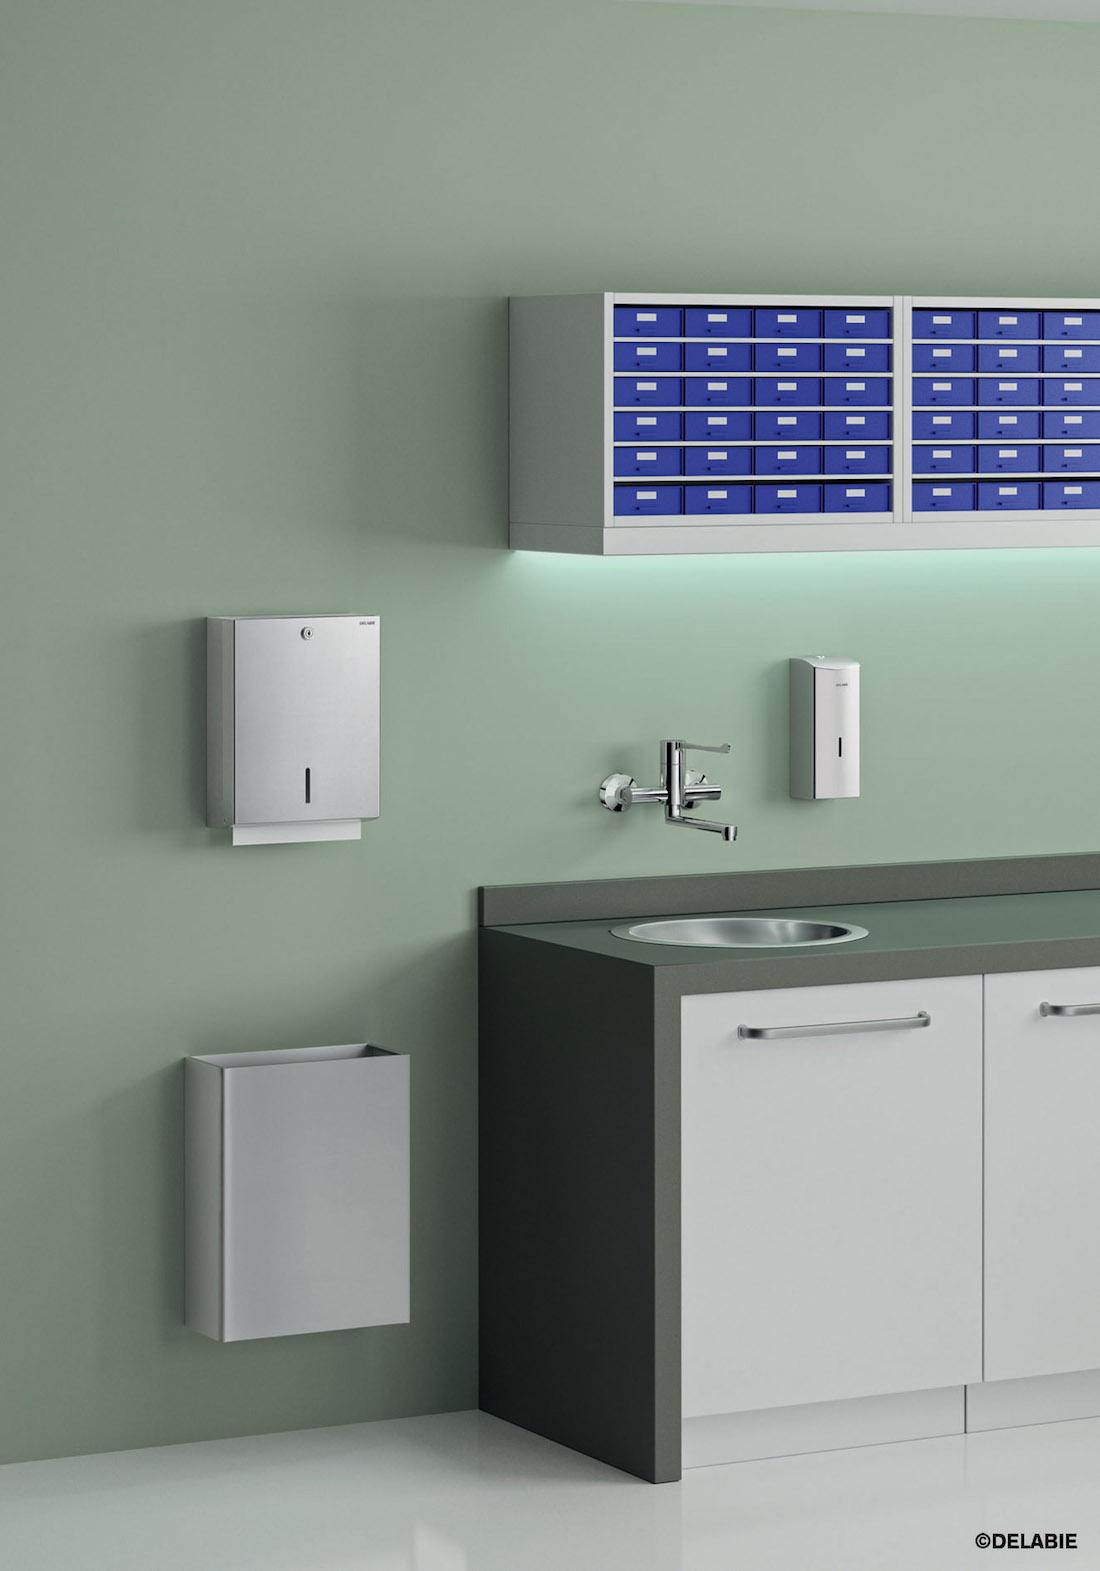 Des accessoires d'hygiène pour limiter la prolifération bactérienne